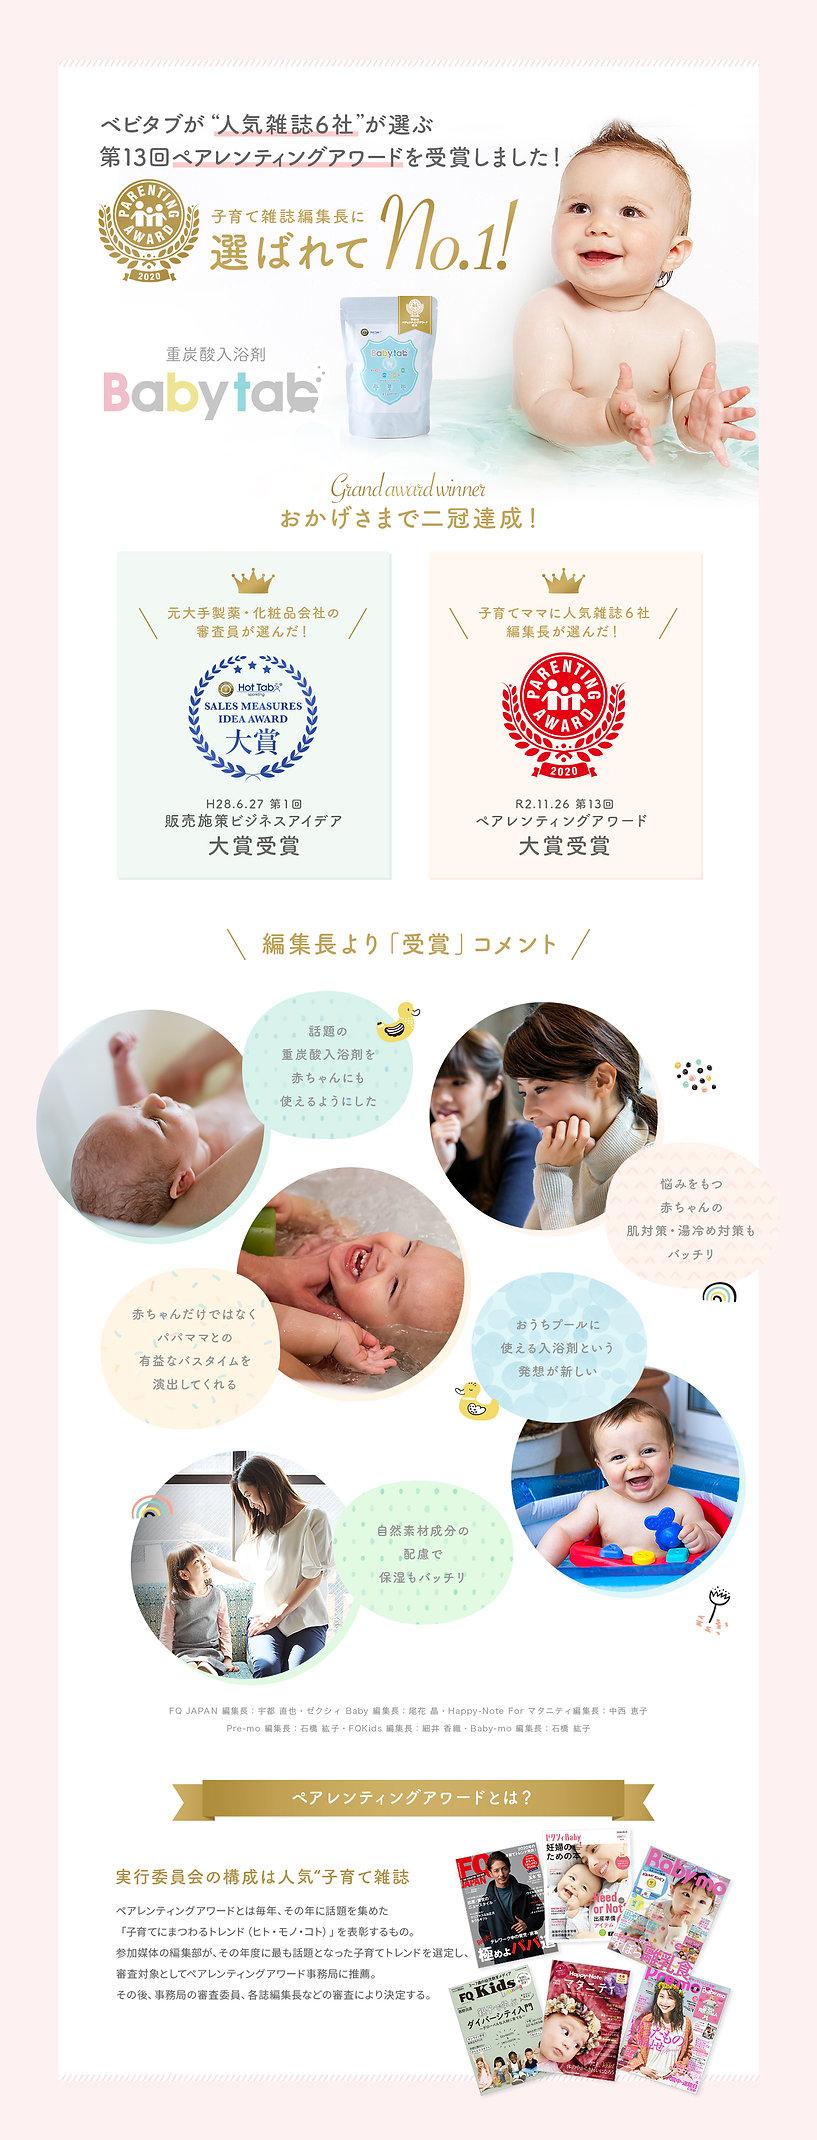 babytab_lp_2 (1).jpg